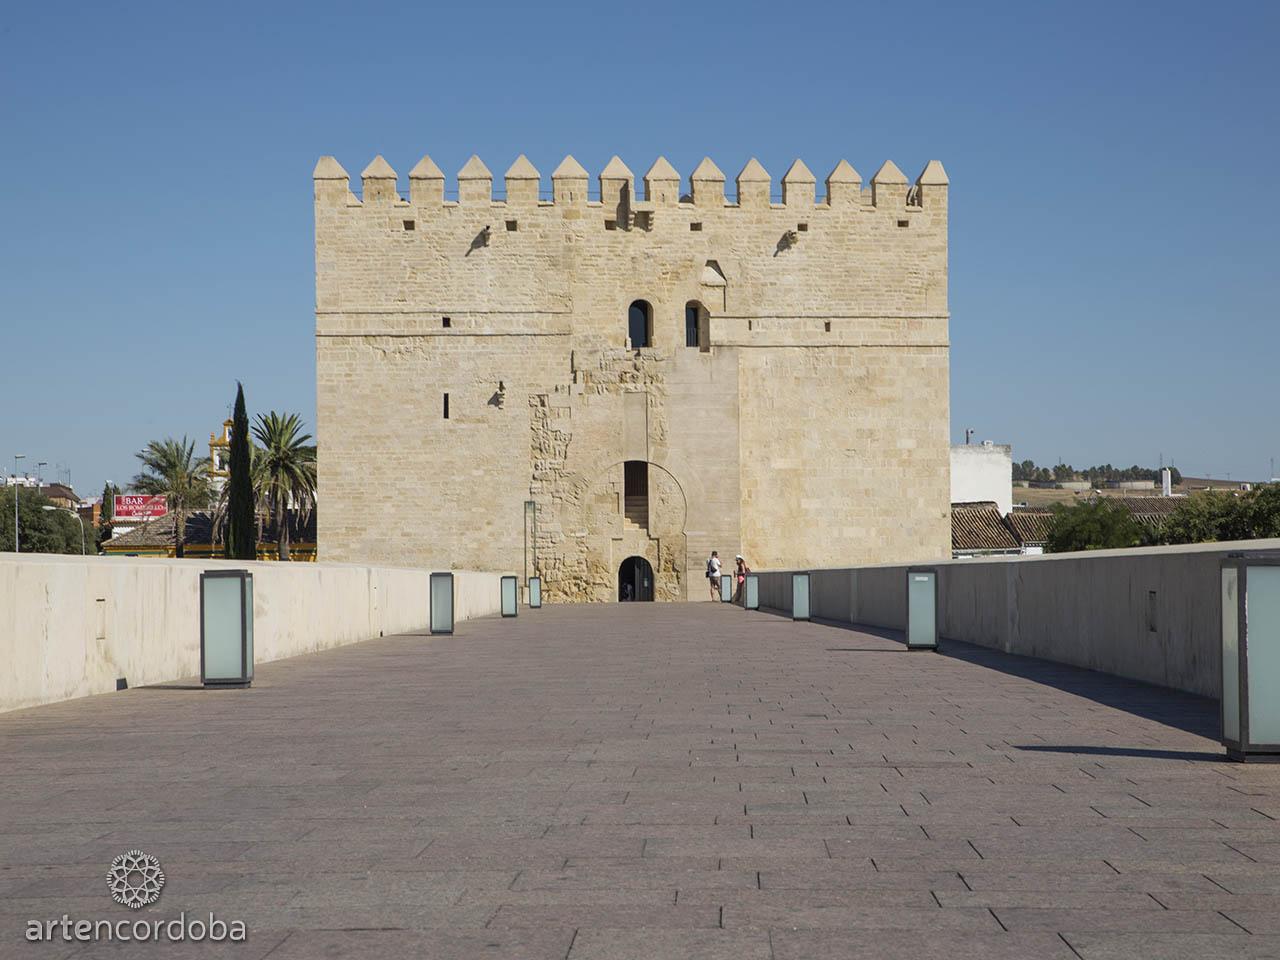 Torre de la Calahorra desde el puente romano